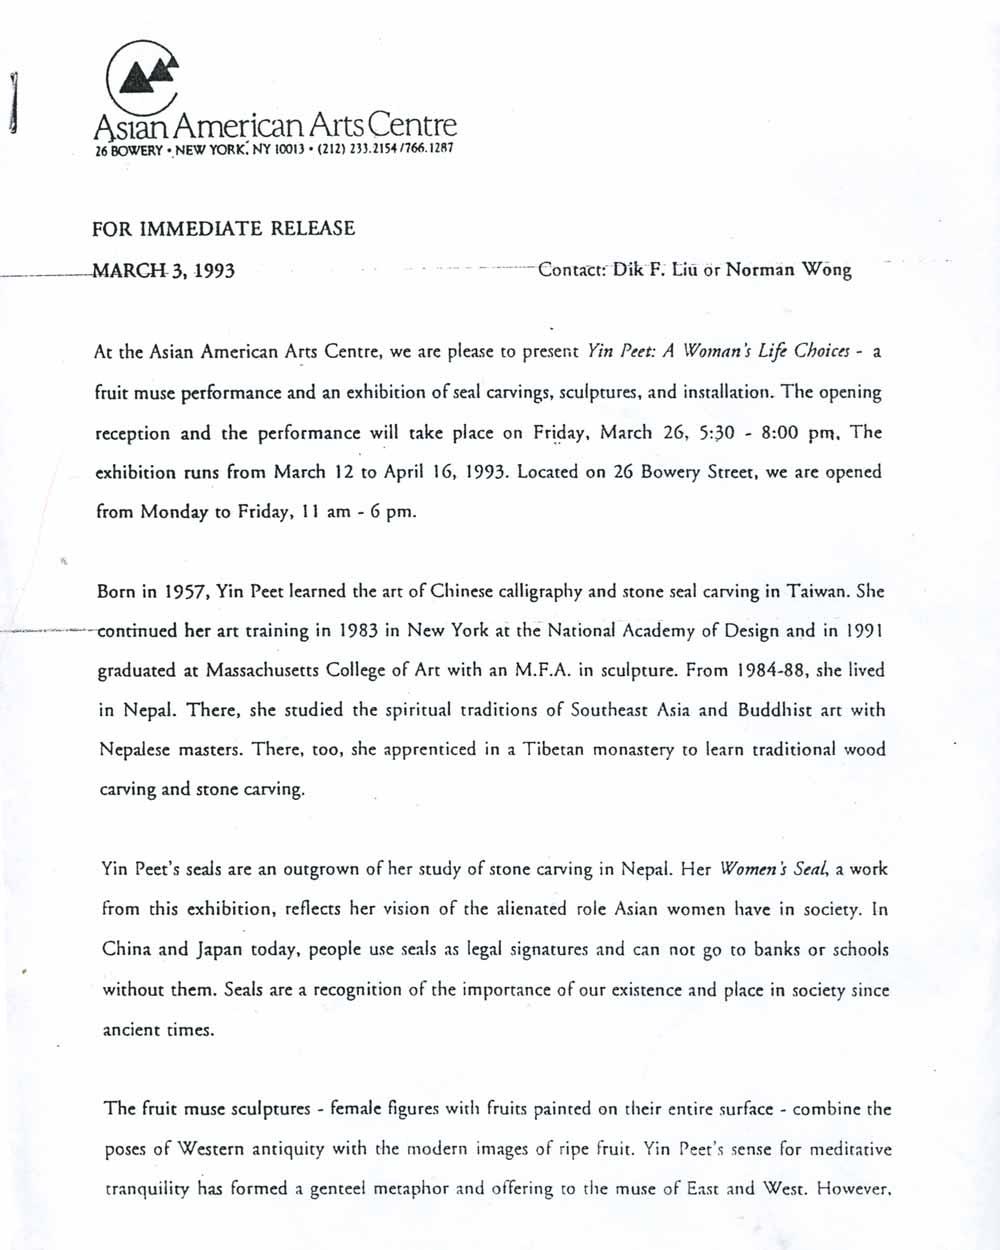 Yin Peet, press release, pg 1